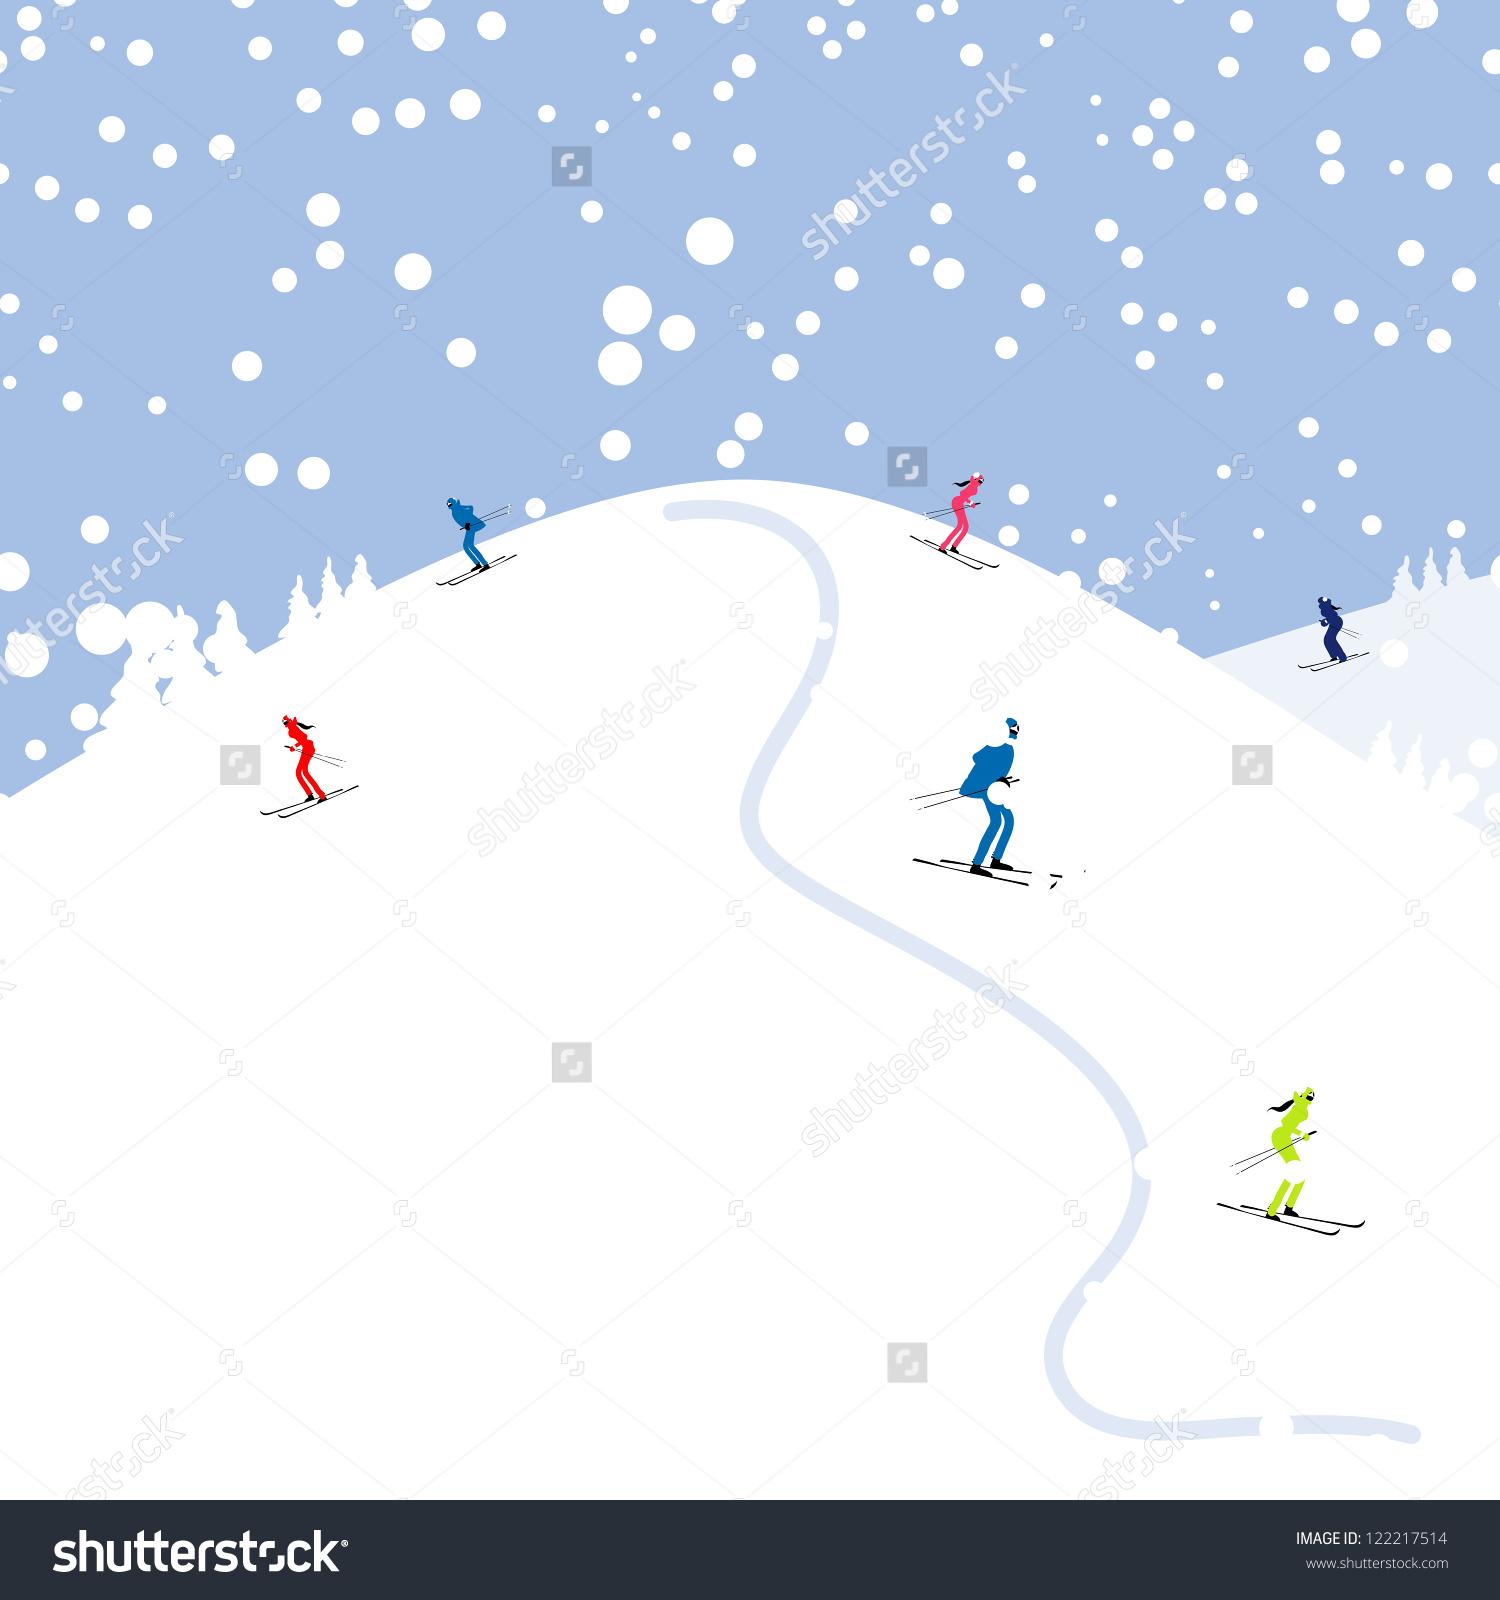 Ski hill clipart - Clipground